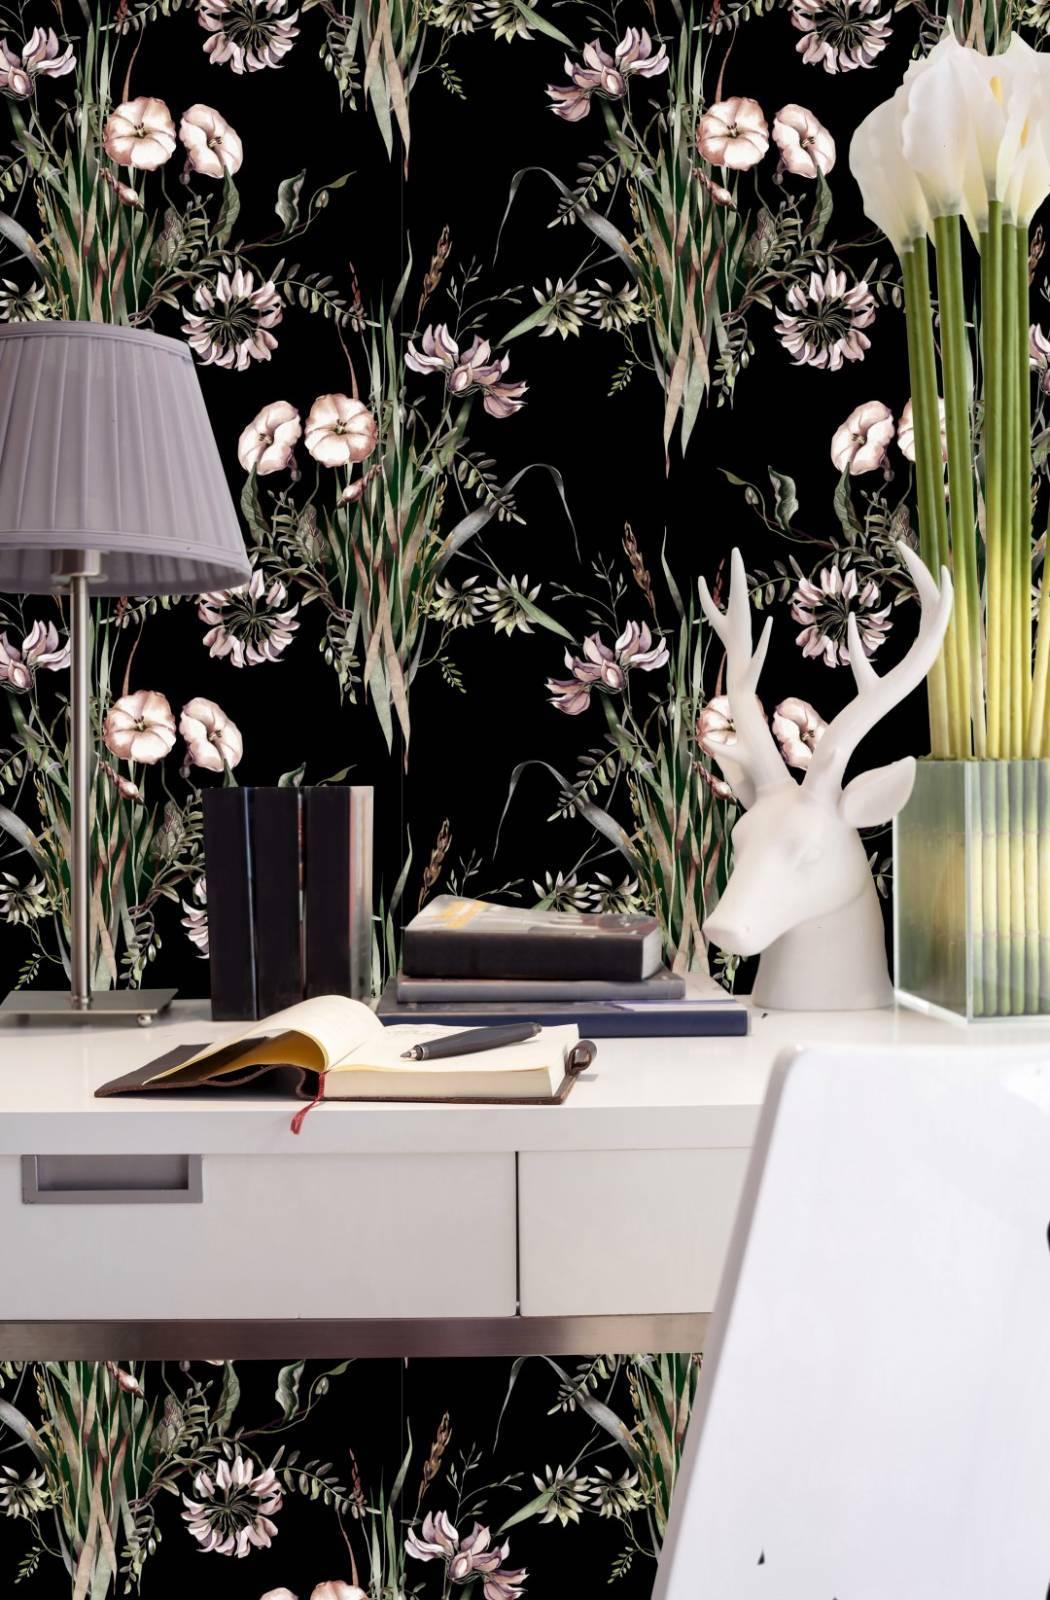 Papel de Parede Floral Preto | Adesivo Vinílico imagem 4